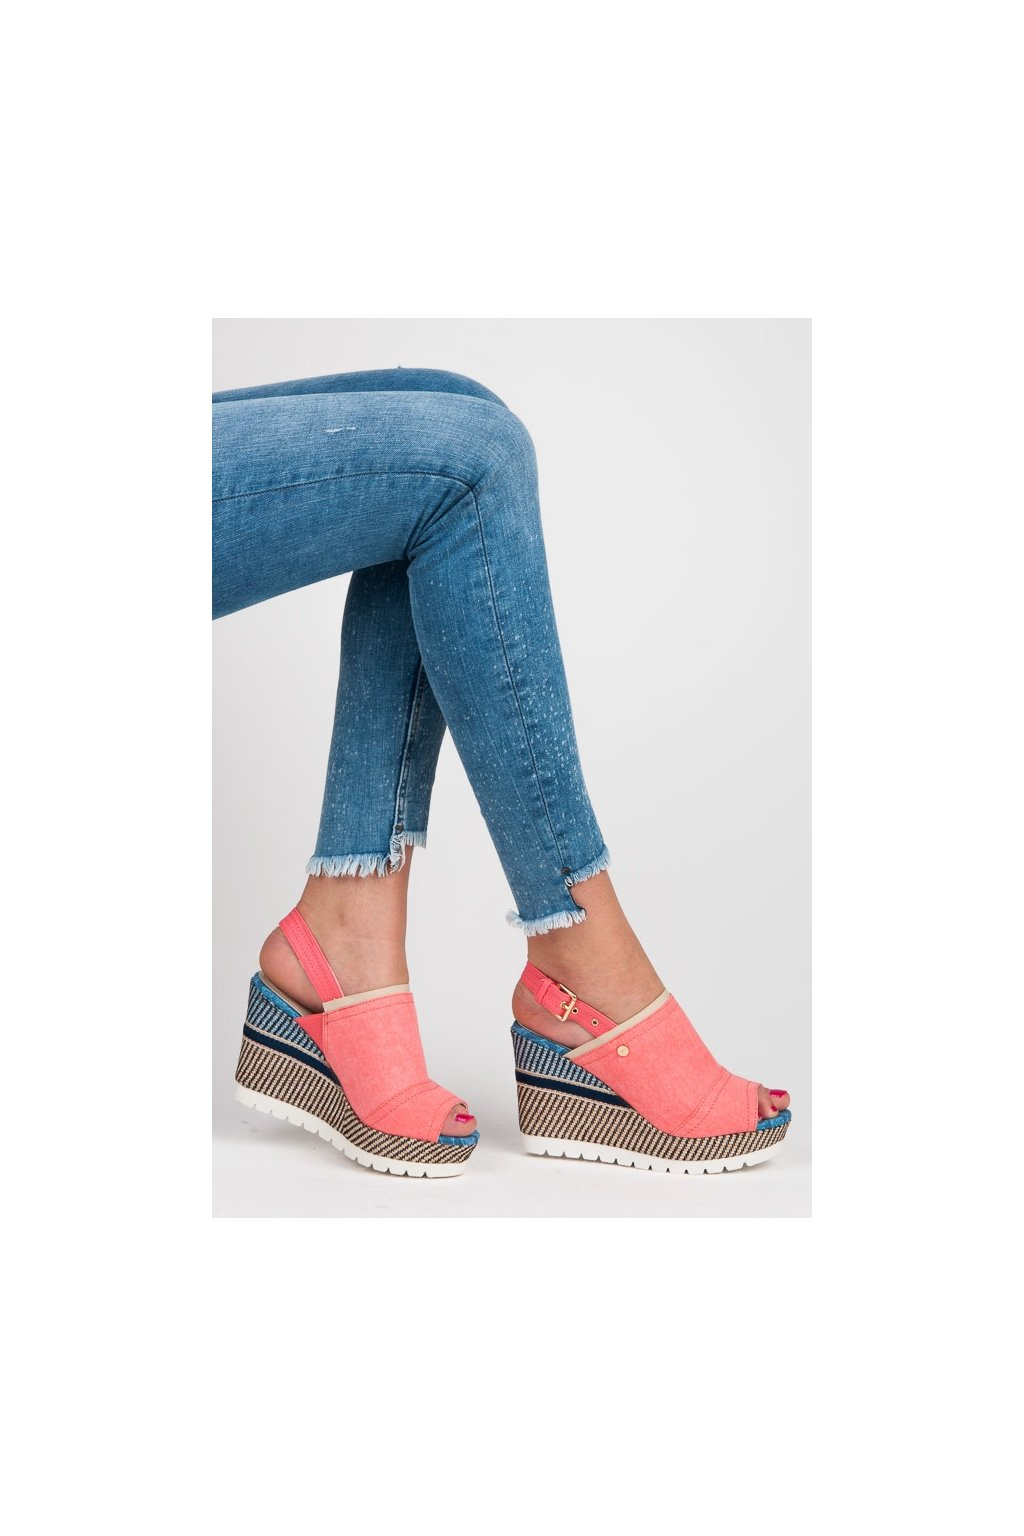 173281 jedinecne ruzove sandale na kline so vzorom 6104 20p big